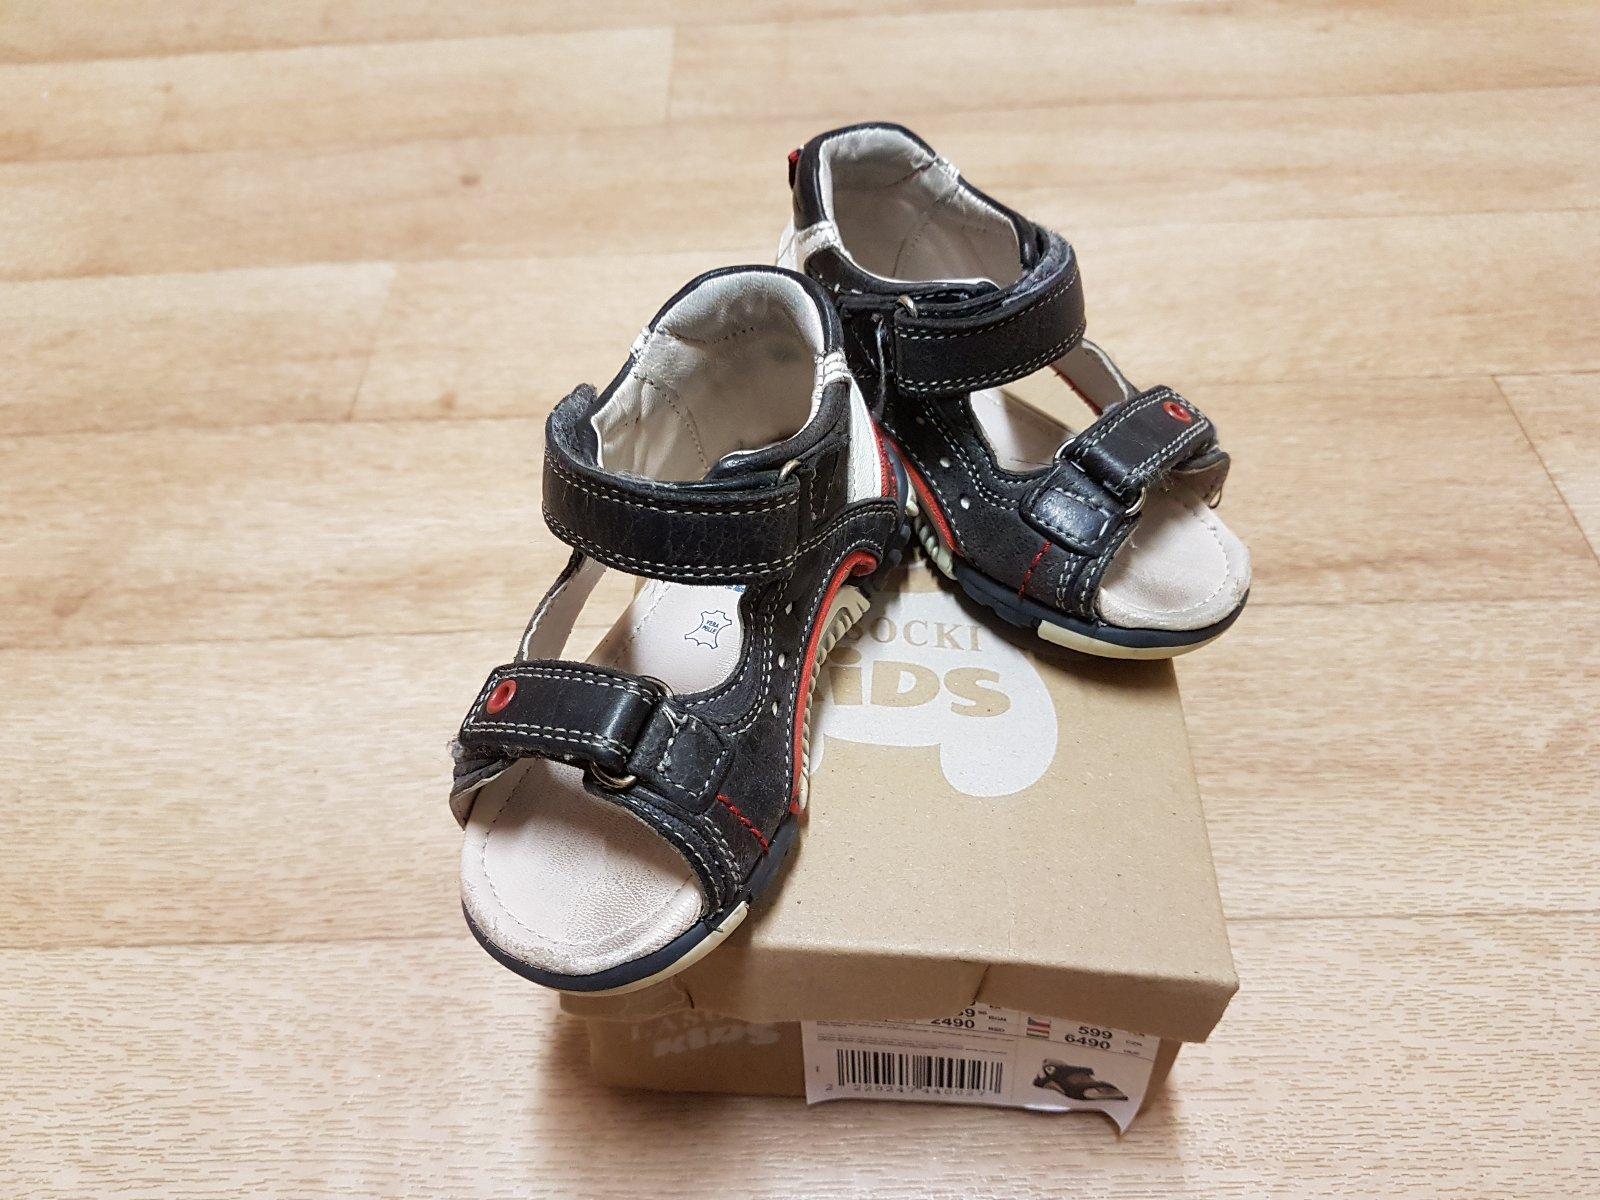 362938964bed Dětské sandále (sandálky) vel. 21 lasocki kids